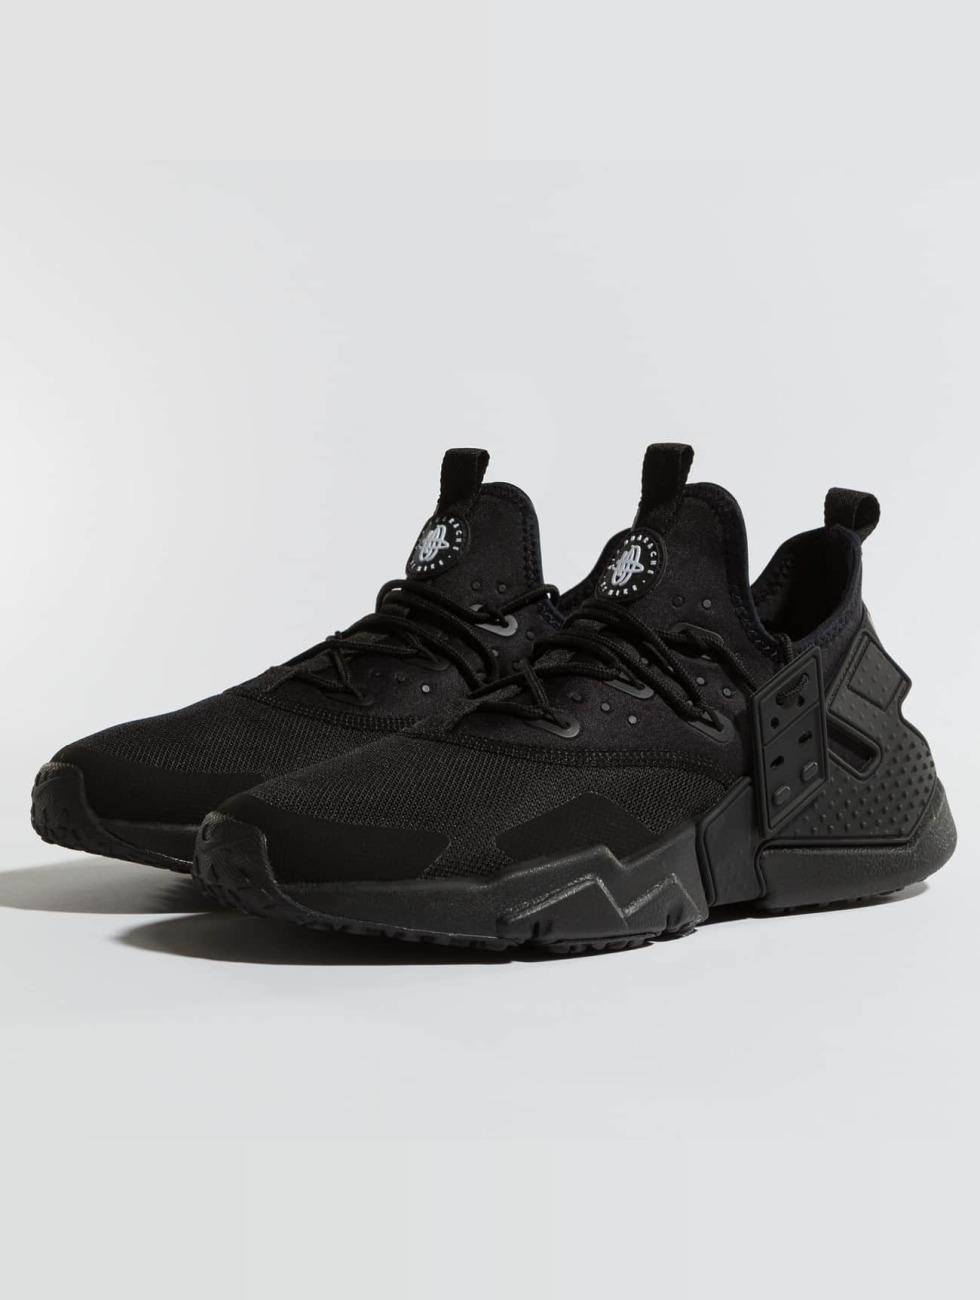 Nike Scarpa / Sneaker Huarache Dell'aria Deriva In Nero 422 982